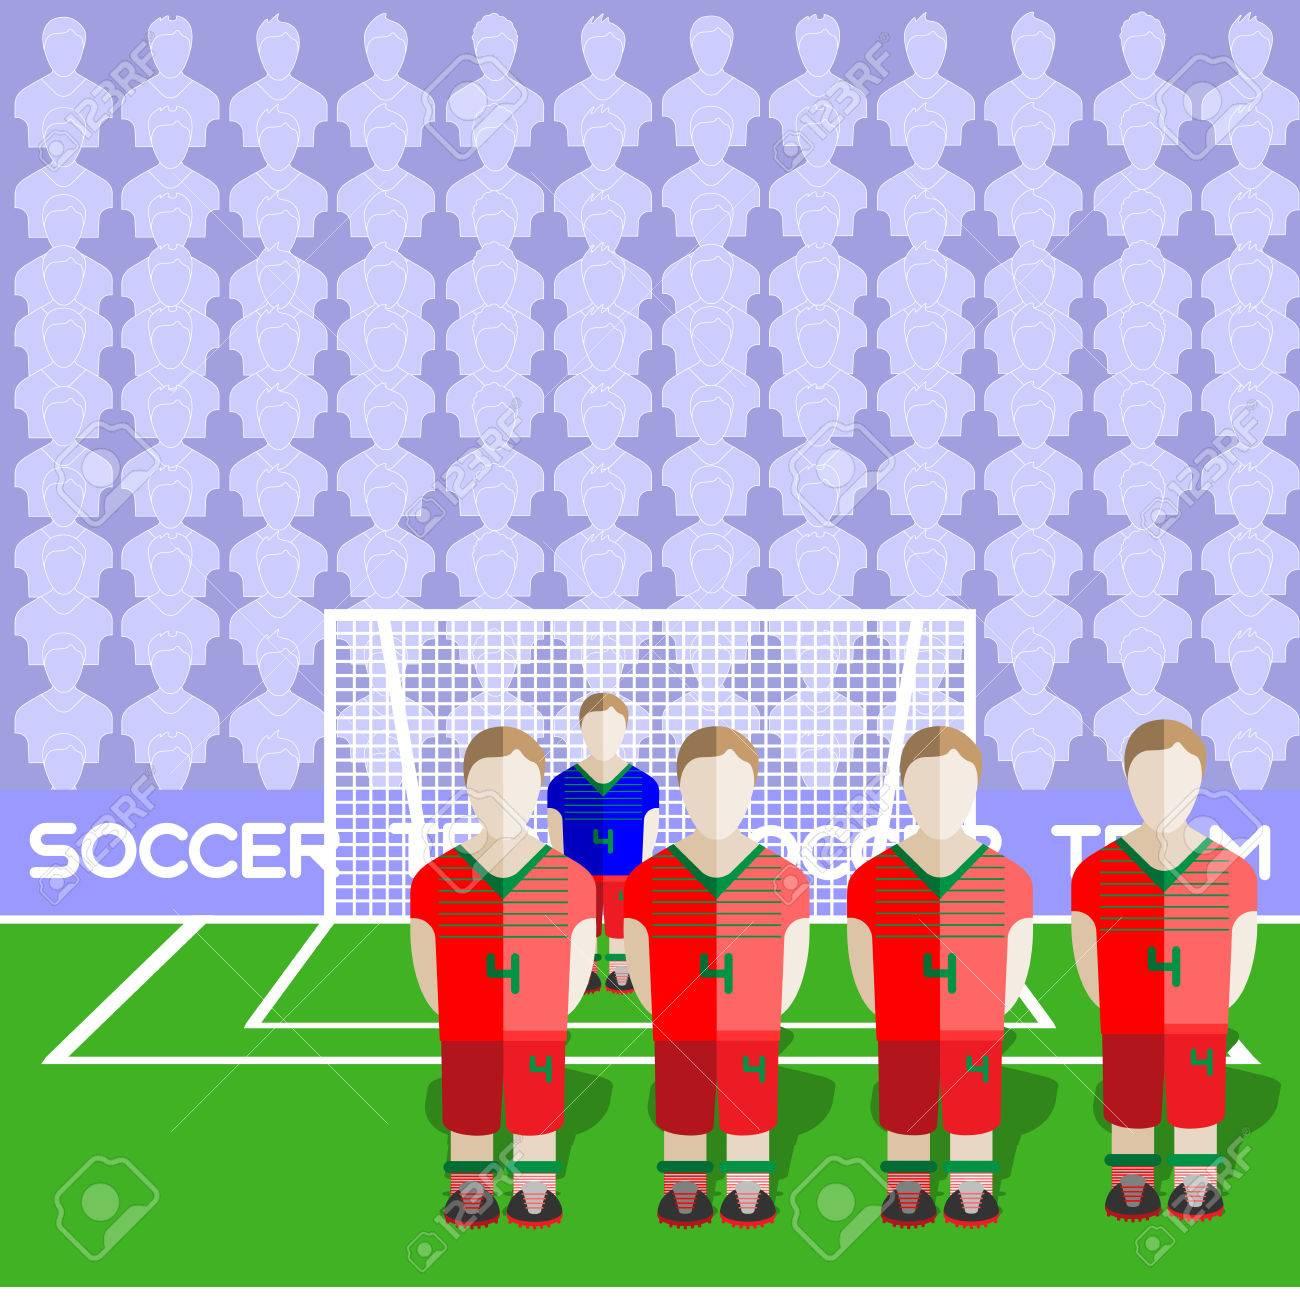 Belarus Football Club Soccer Players Silhouettes. Jeux Rmatiques Équipe  De Football Joueurs Big Set. Graphique Sportif. Les Équipes De intérieur Jeux De Gardien